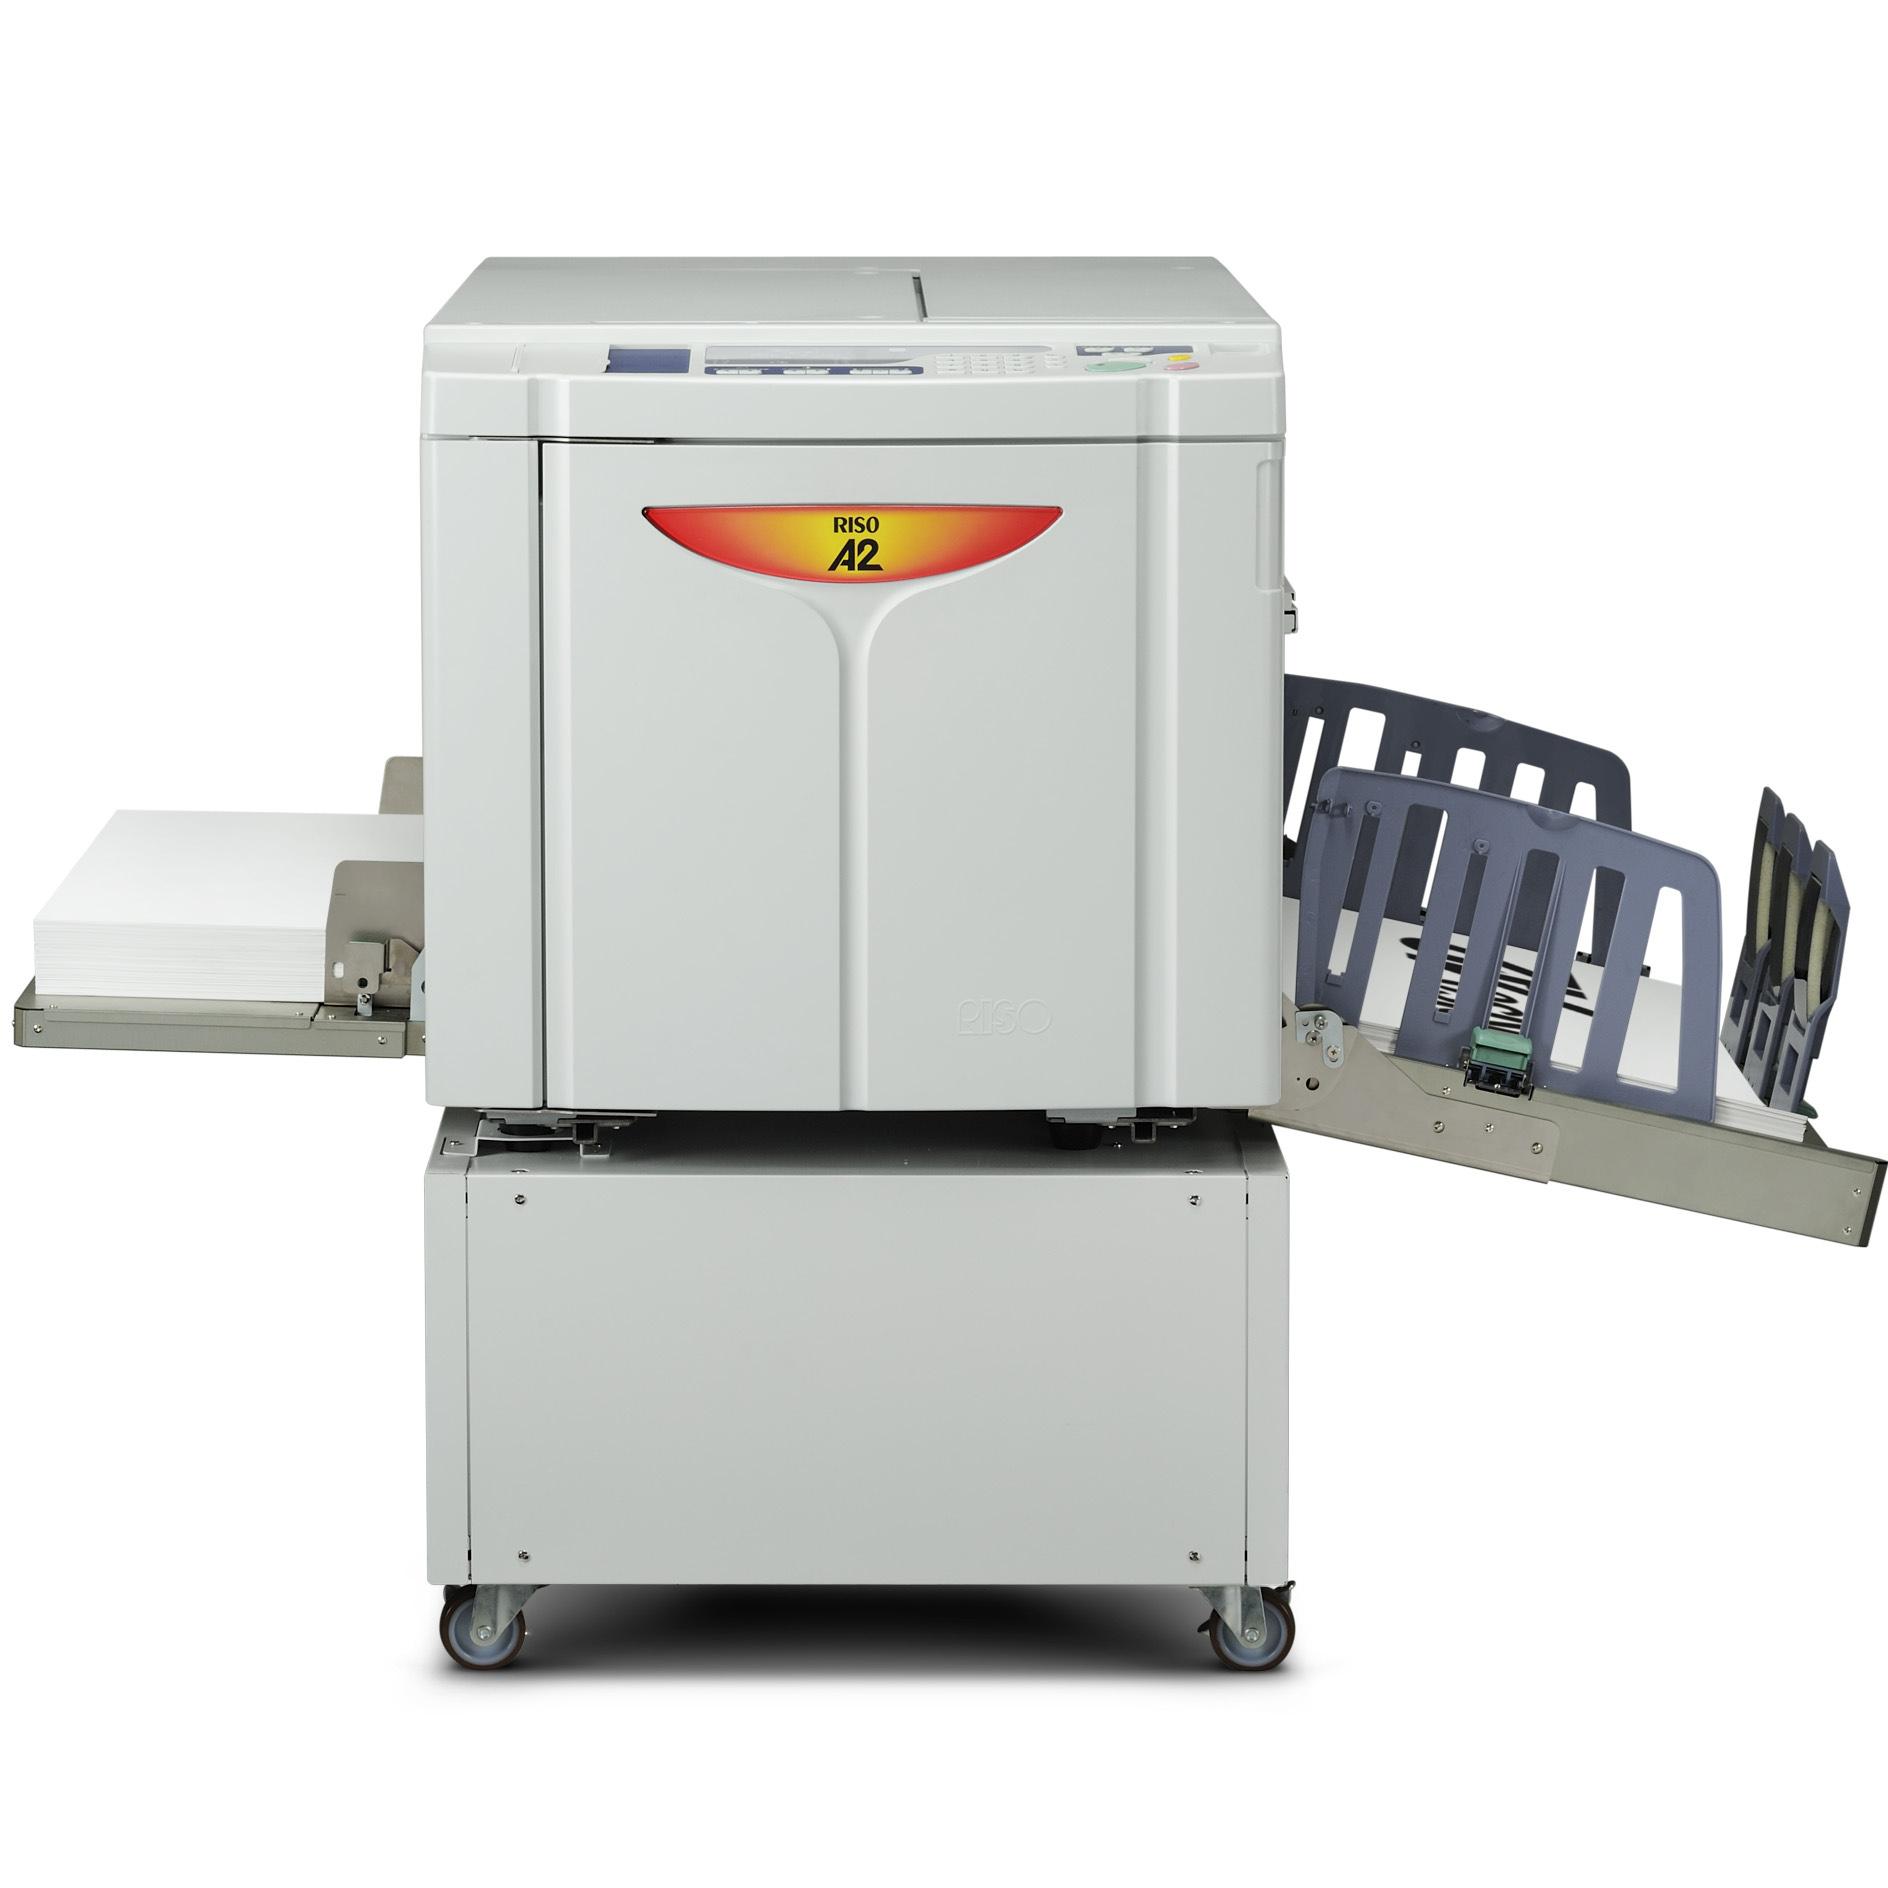 Цифровой дубликатор risос2 600*600 DPI a2 RISOs A2